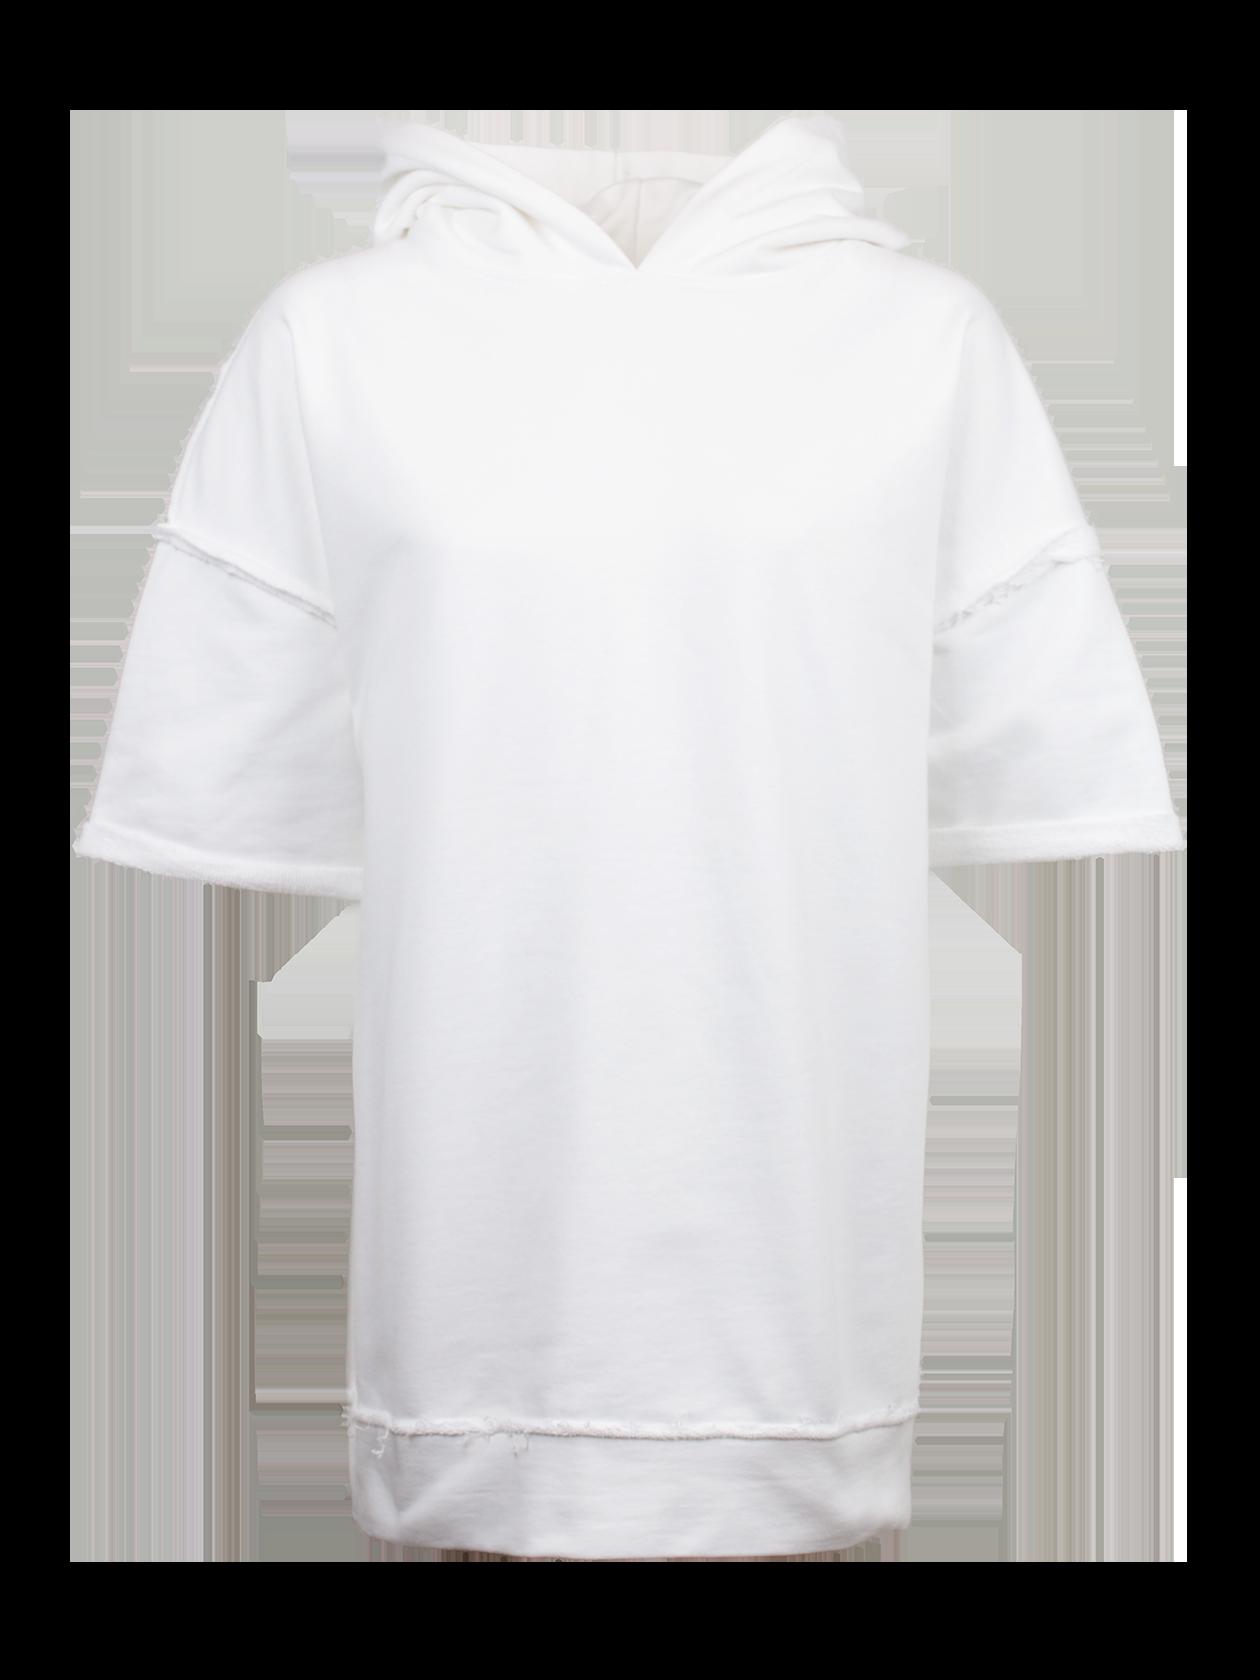 Худи женская OUTWARDSОригинальная худи женская Outwards из коллекции Black Star Wear поможет в создании стильного лука на каждый день. Модель нестандартного удлиненного кроя со спущенной линией плеча, переходящей в небольшой широкий рукав. Изделие дополнено капюшоном. По низу оформлена широкая вставка из основного материала. Худи выполнена из 100% хлопка премиального качества, представлена в базовой белой расцветке. Декоративные элементы – швы «наизнанку» на рукаве и в нижней части вещи.&amp;nbsp;<br><br>Размер: L<br>Цвет: Белый<br>Пол: Женский